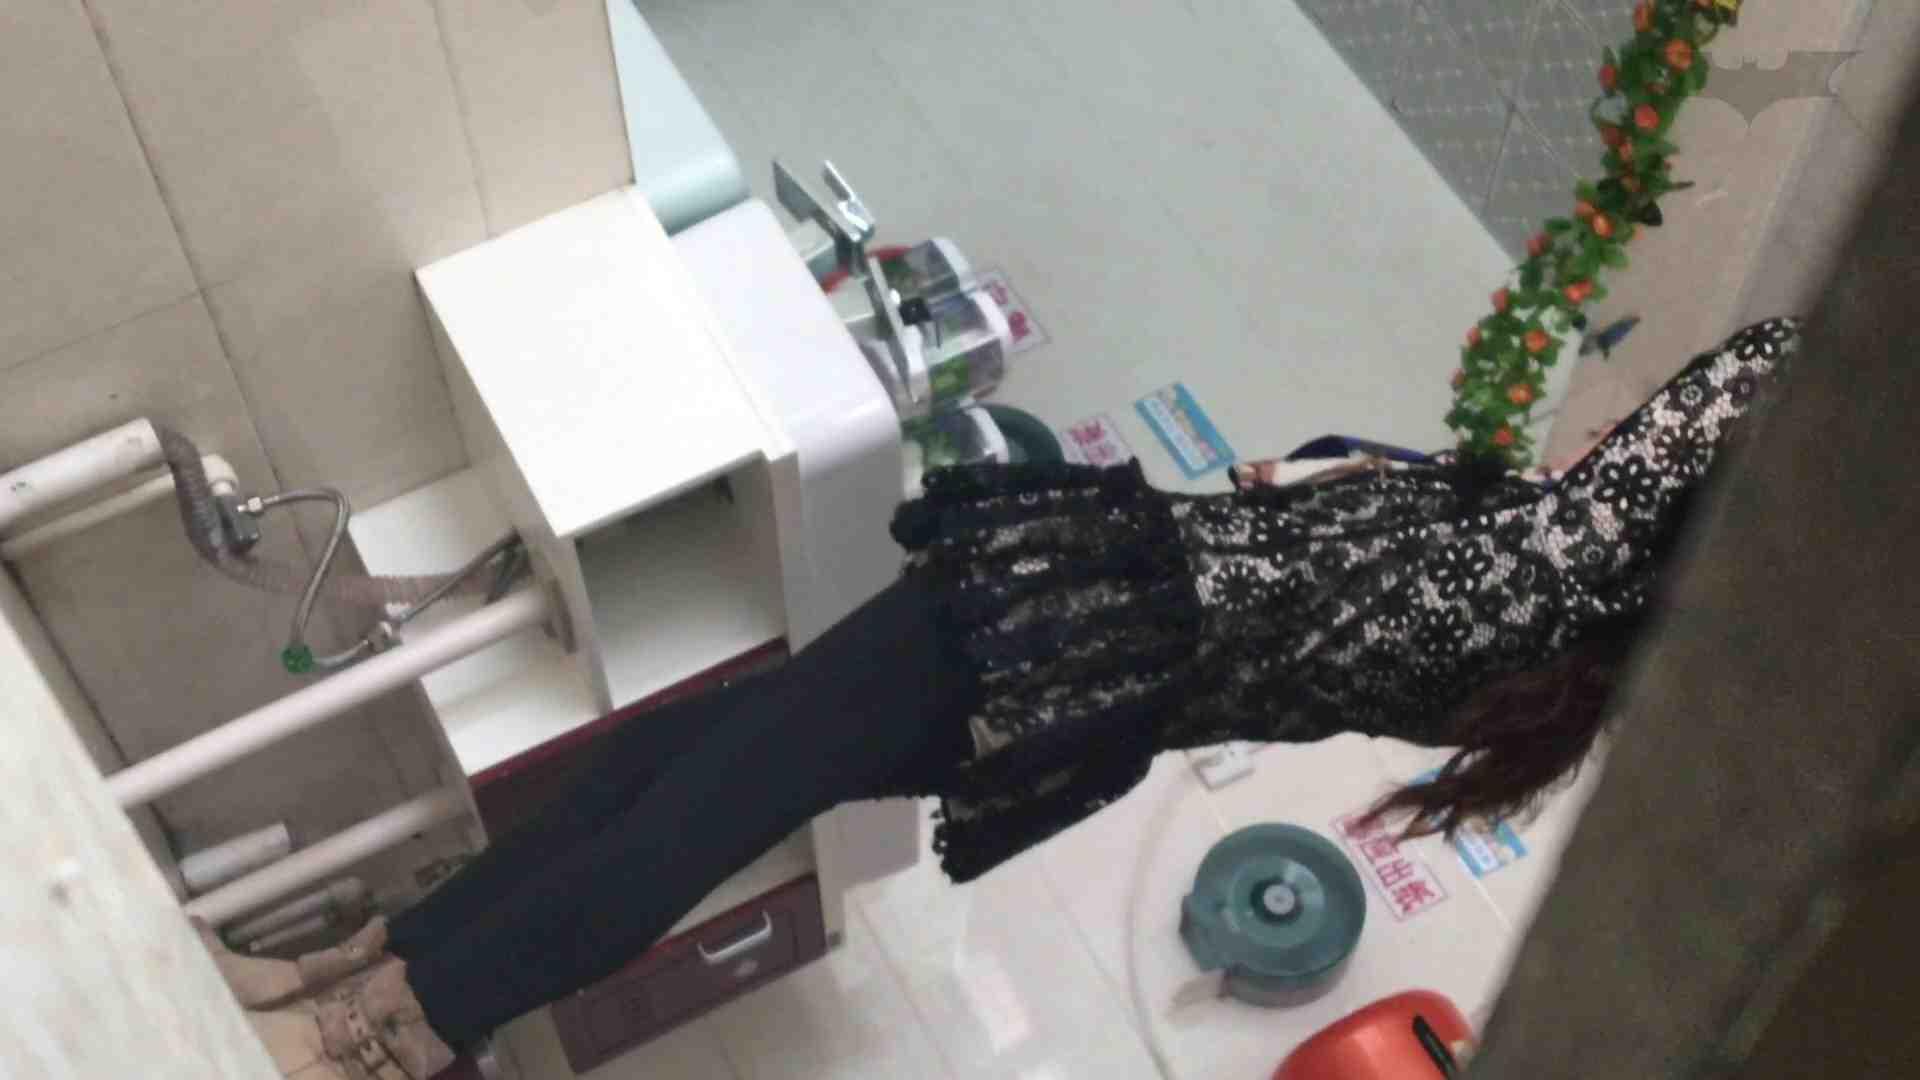 芸術大学ガチ潜入盗撮 JD盗撮 美女の洗面所の秘密 Vol.108 高画質  83PIX 49